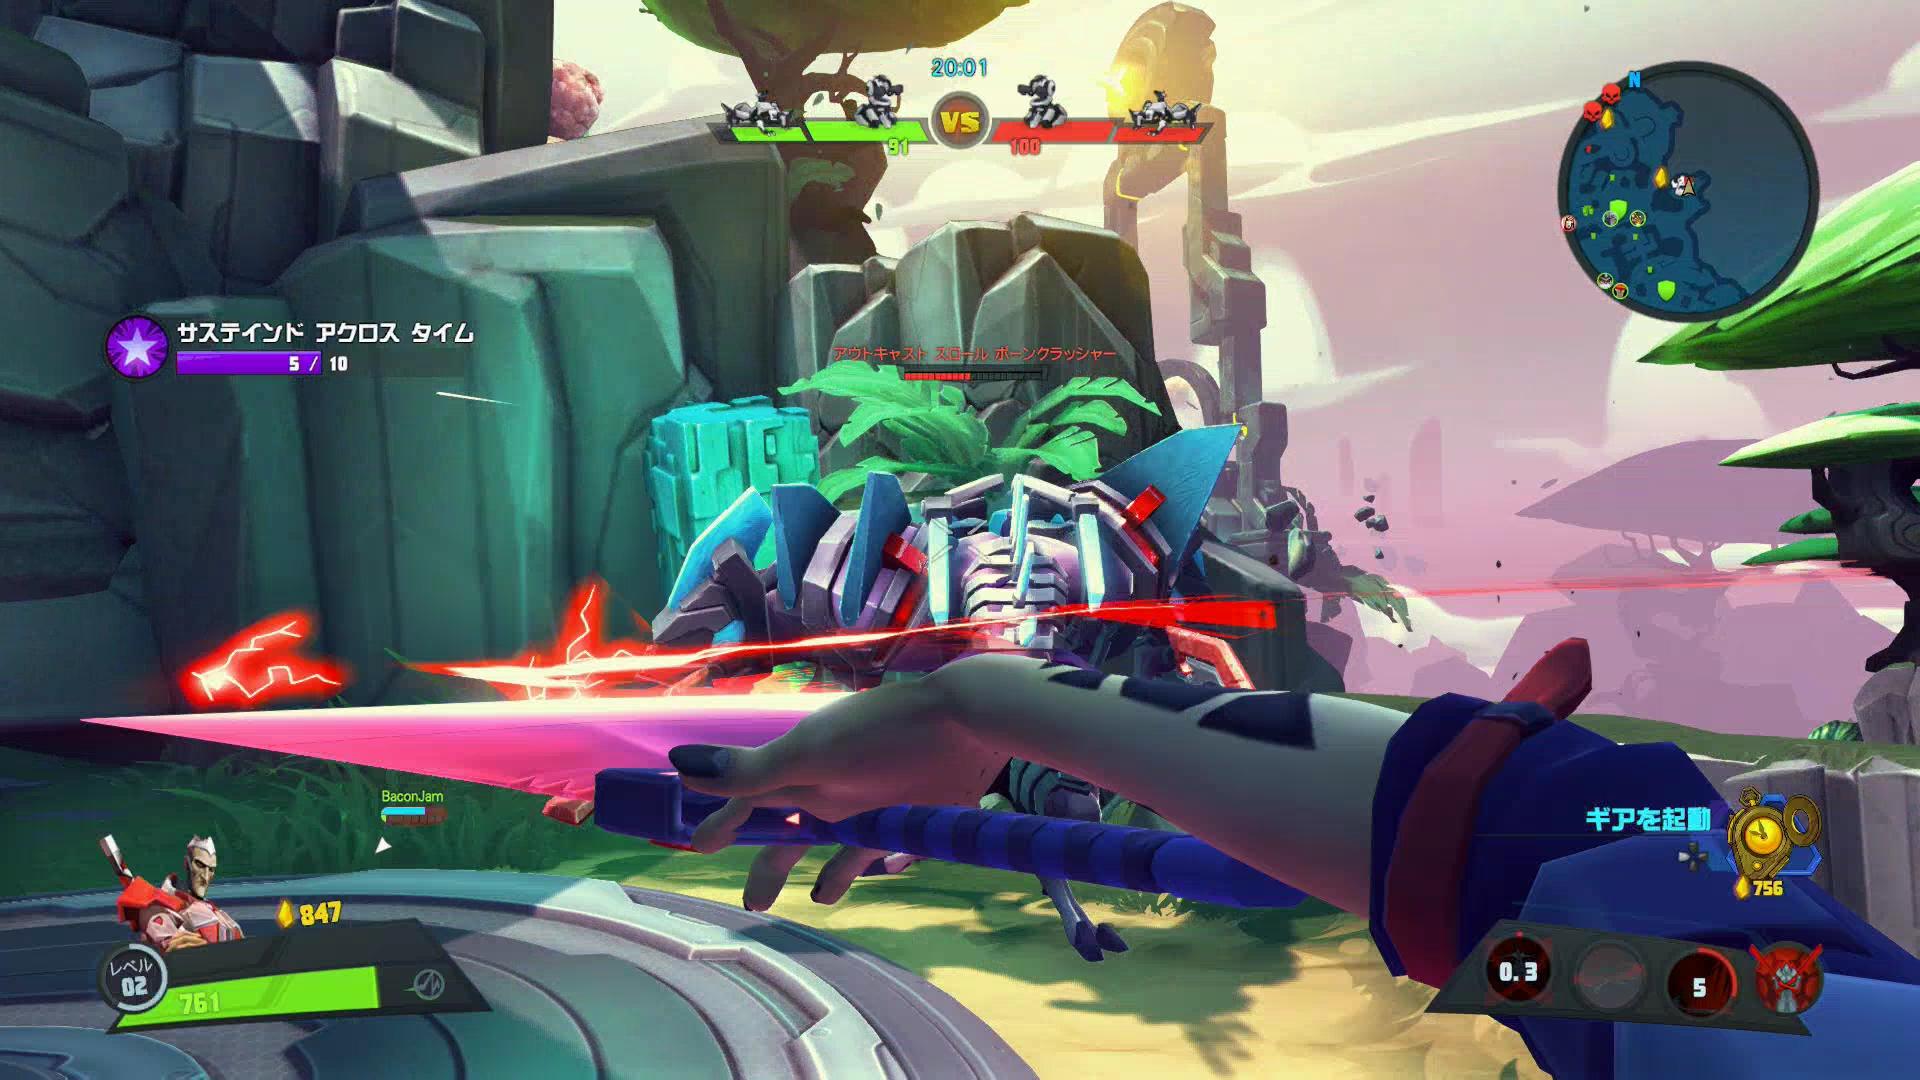 対戦モードでは敵もプレーヤーのため、レベルが上がりにくい。そのため、通常の敵も少数ながら配置してあり、こいつらを倒すことでレベルを上げることもできる